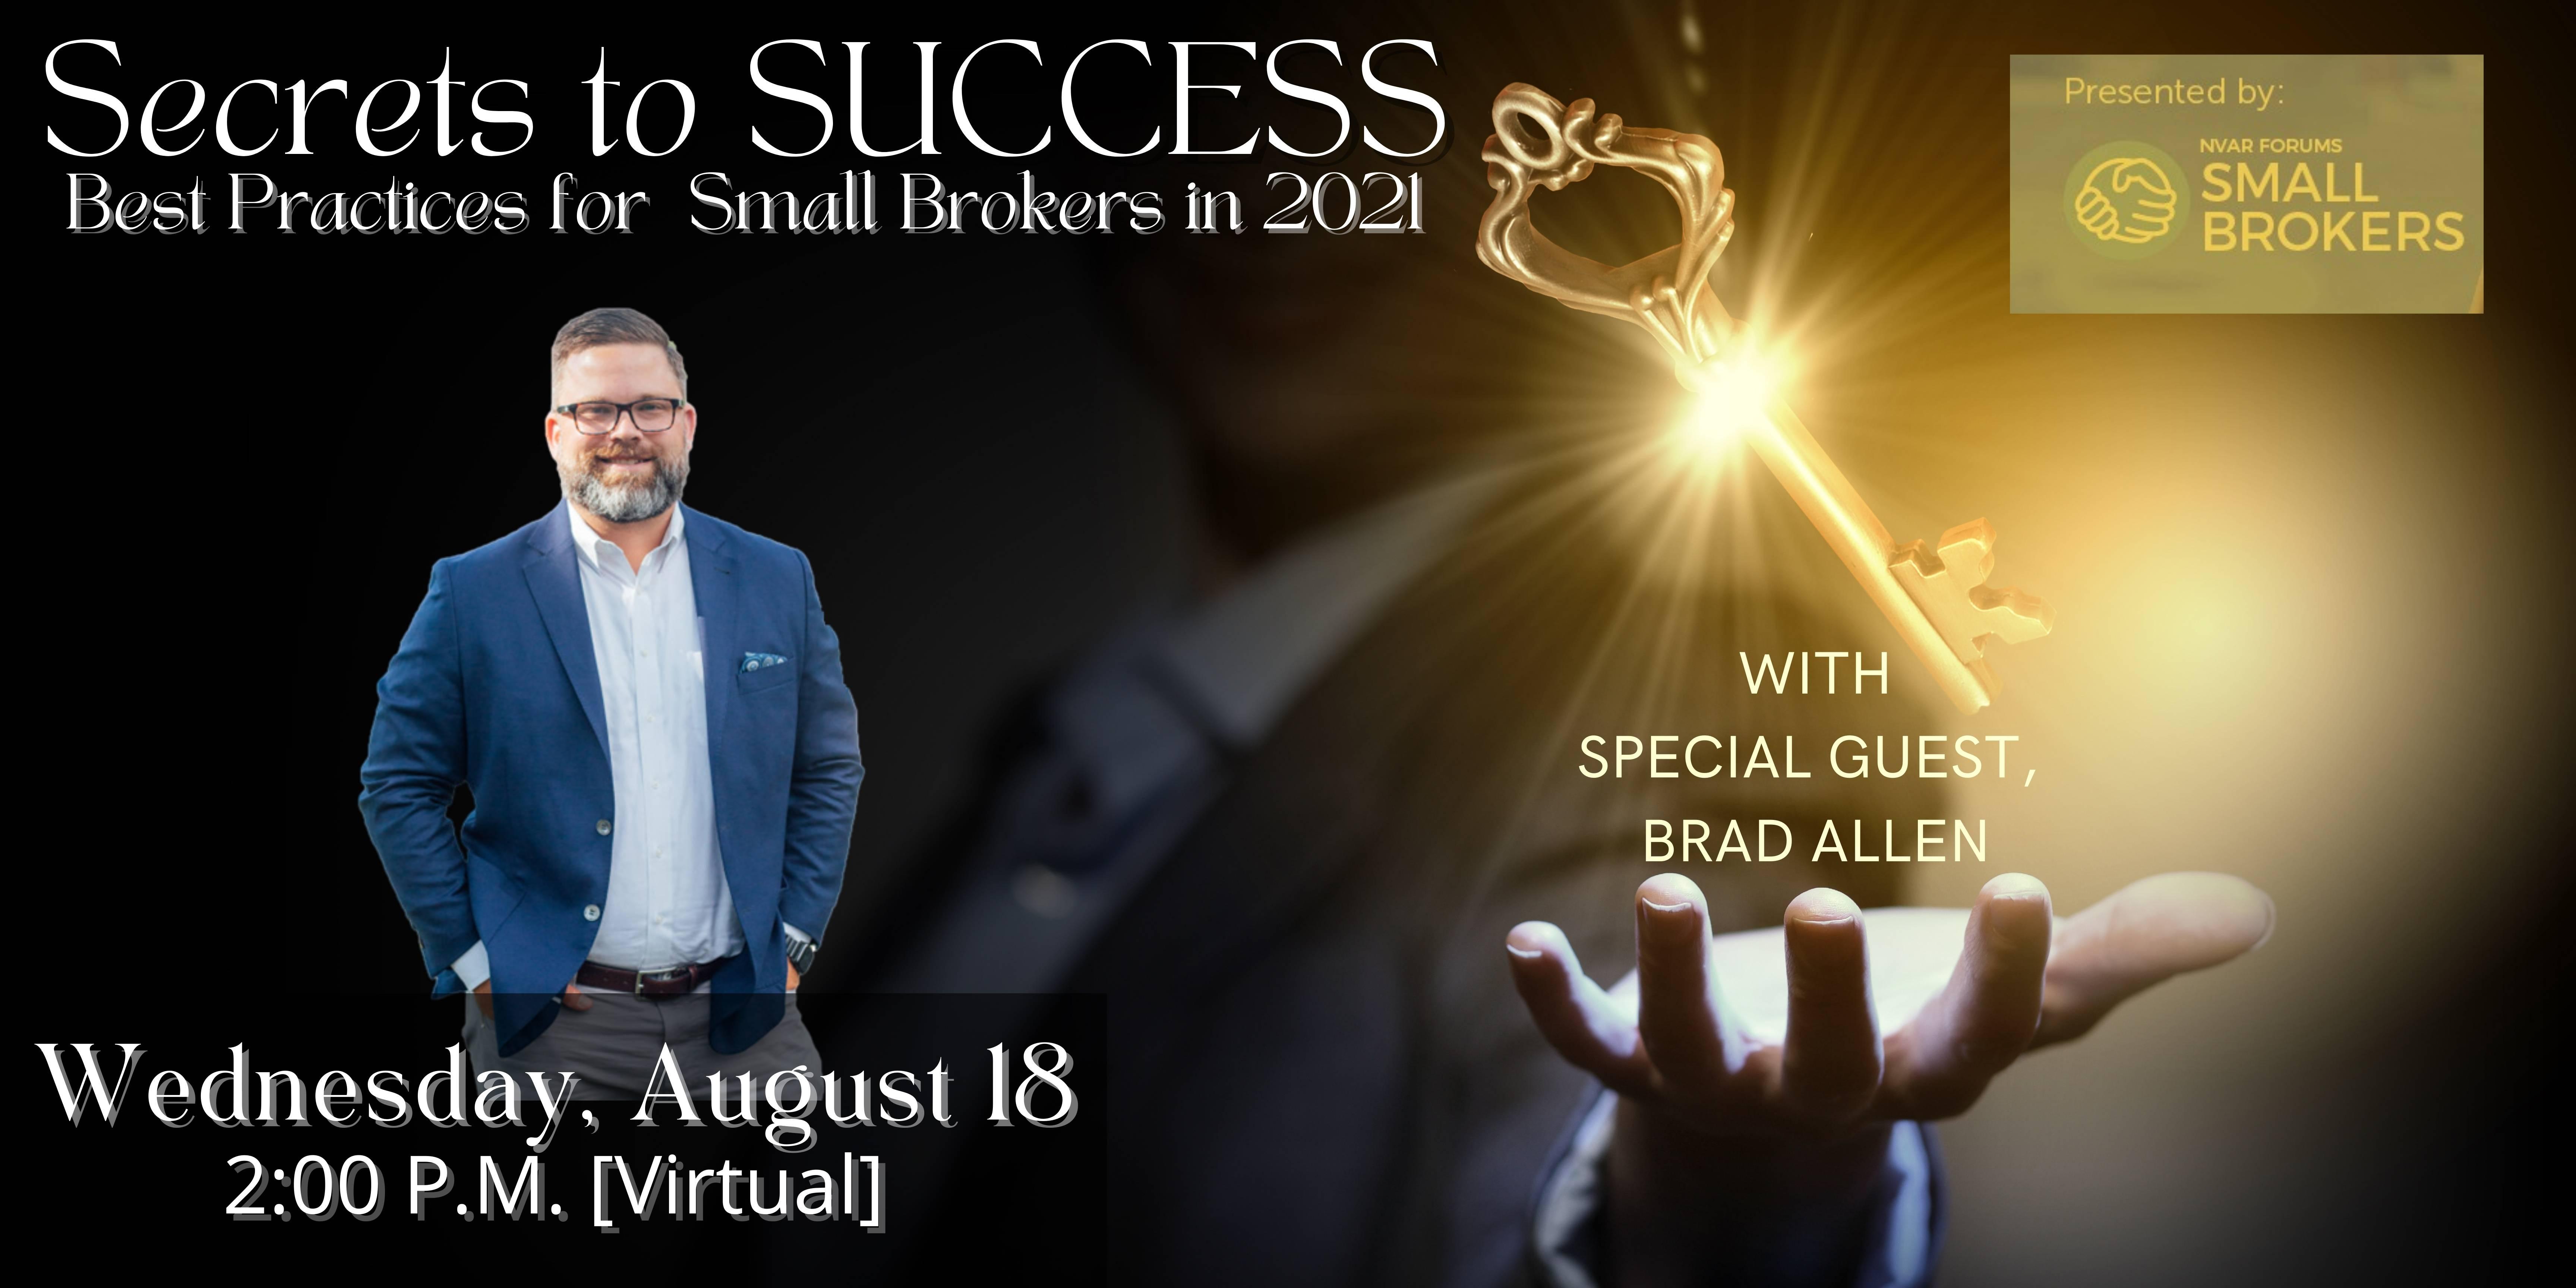 _SUCCESS (5)